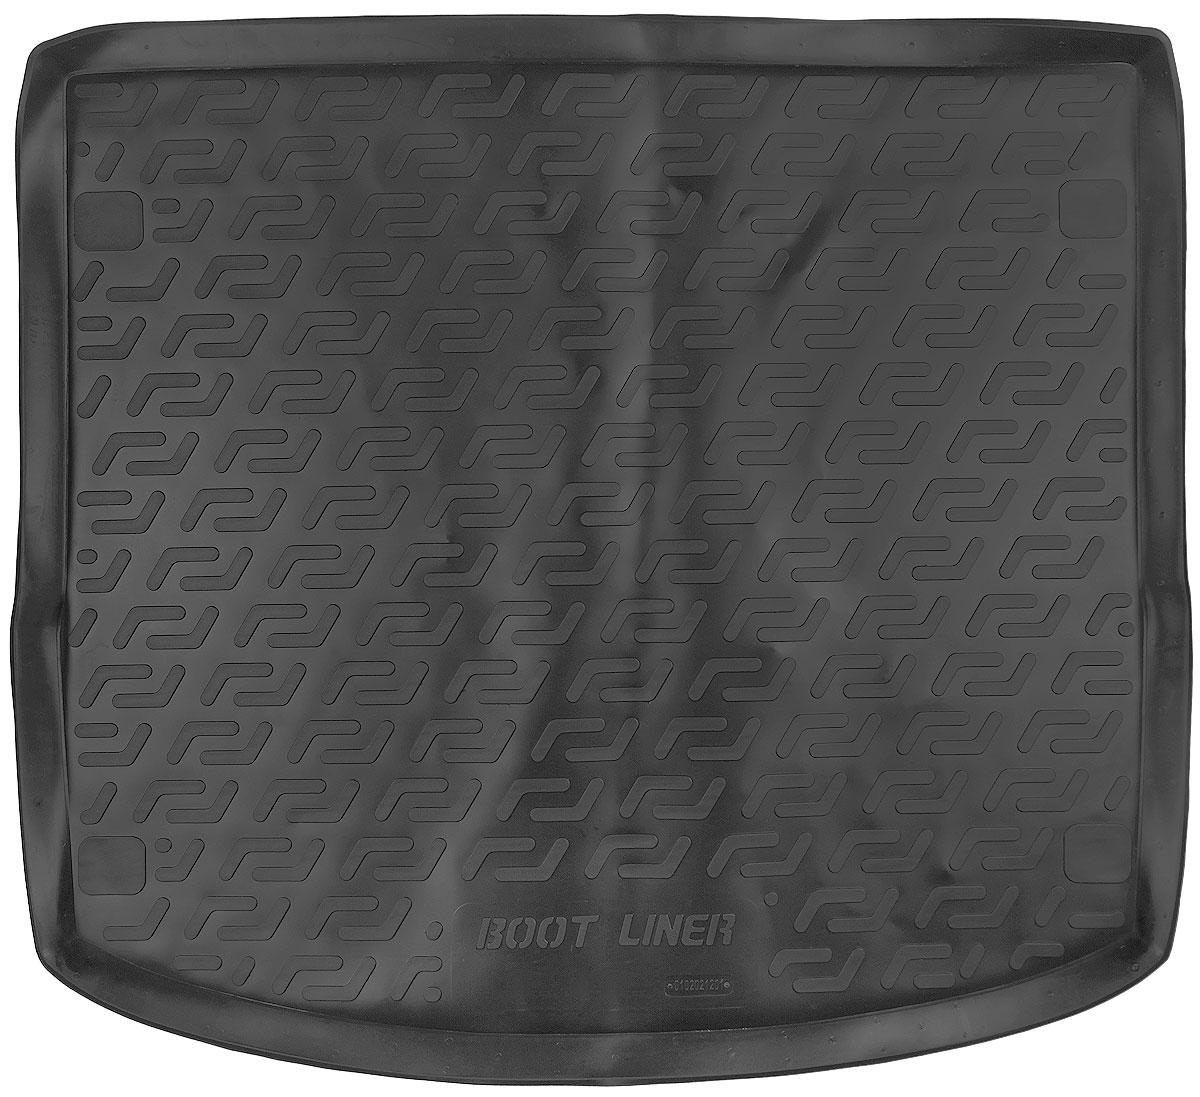 Коврик в багажник L.Locker, для Ford Focus III Turnier (11-)80621Коврик L.Locker производится индивидуально для каждой модели автомобиля из современного и экологически чистого материала. Изделие точно повторяет геометрию пола автомобиля, имеет высокий борт, обладает повышенной износоустойчивостью, антискользящими свойствами, лишен резкого запаха и сохраняет свои потребительские свойства в широком диапазоне температур (от -50°С до +80°С).